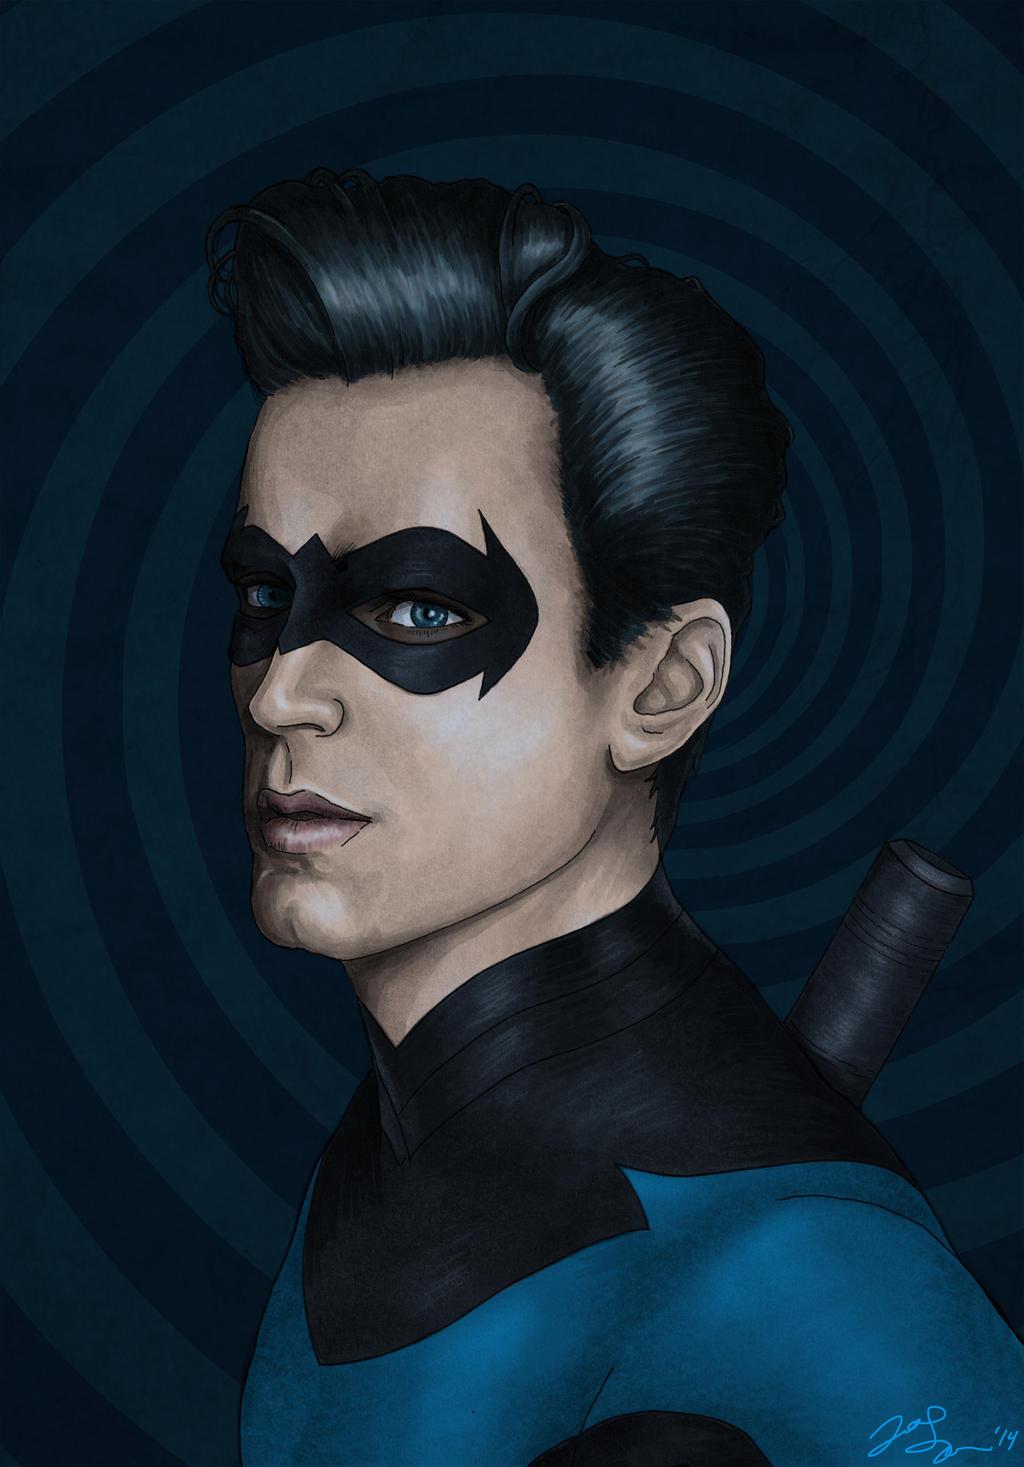 Grayson - Nightwing Variant by JGiampietro